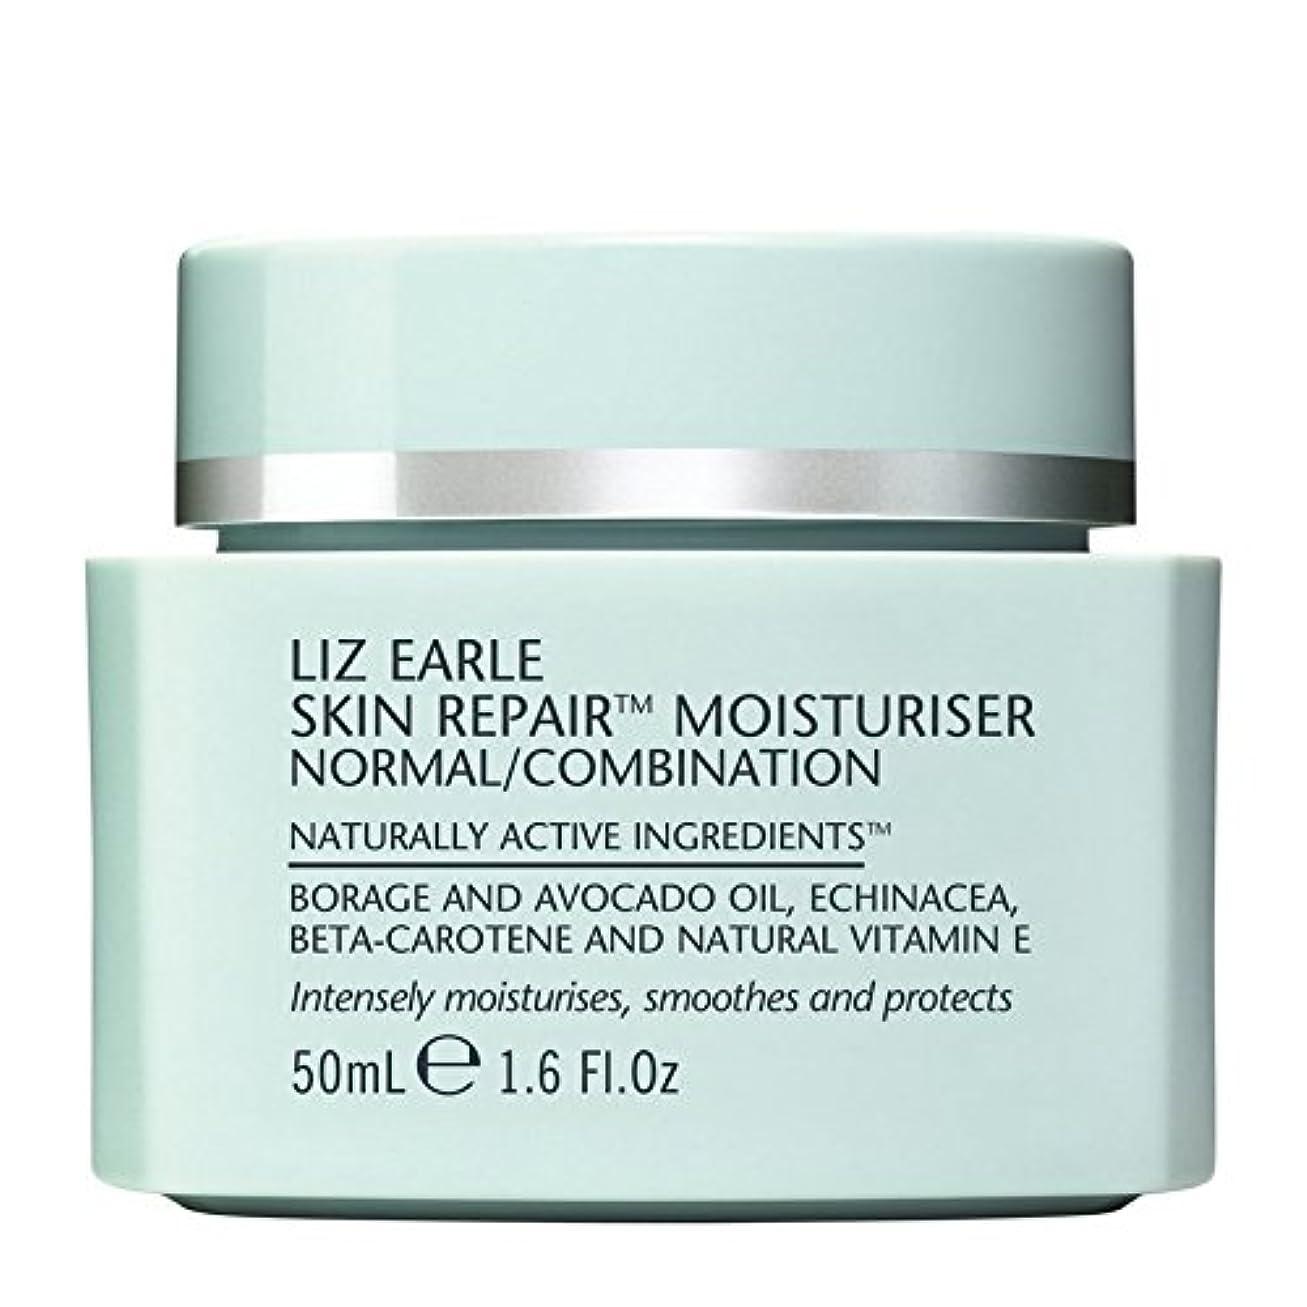 物語予備アスレチックLiz Earle Skin Repair Moisturiser Normal/Combination 50ml - リズアールスキンリペアモイスチャライザーノーマル/コンビネーション50ミリリットル [並行輸入品]